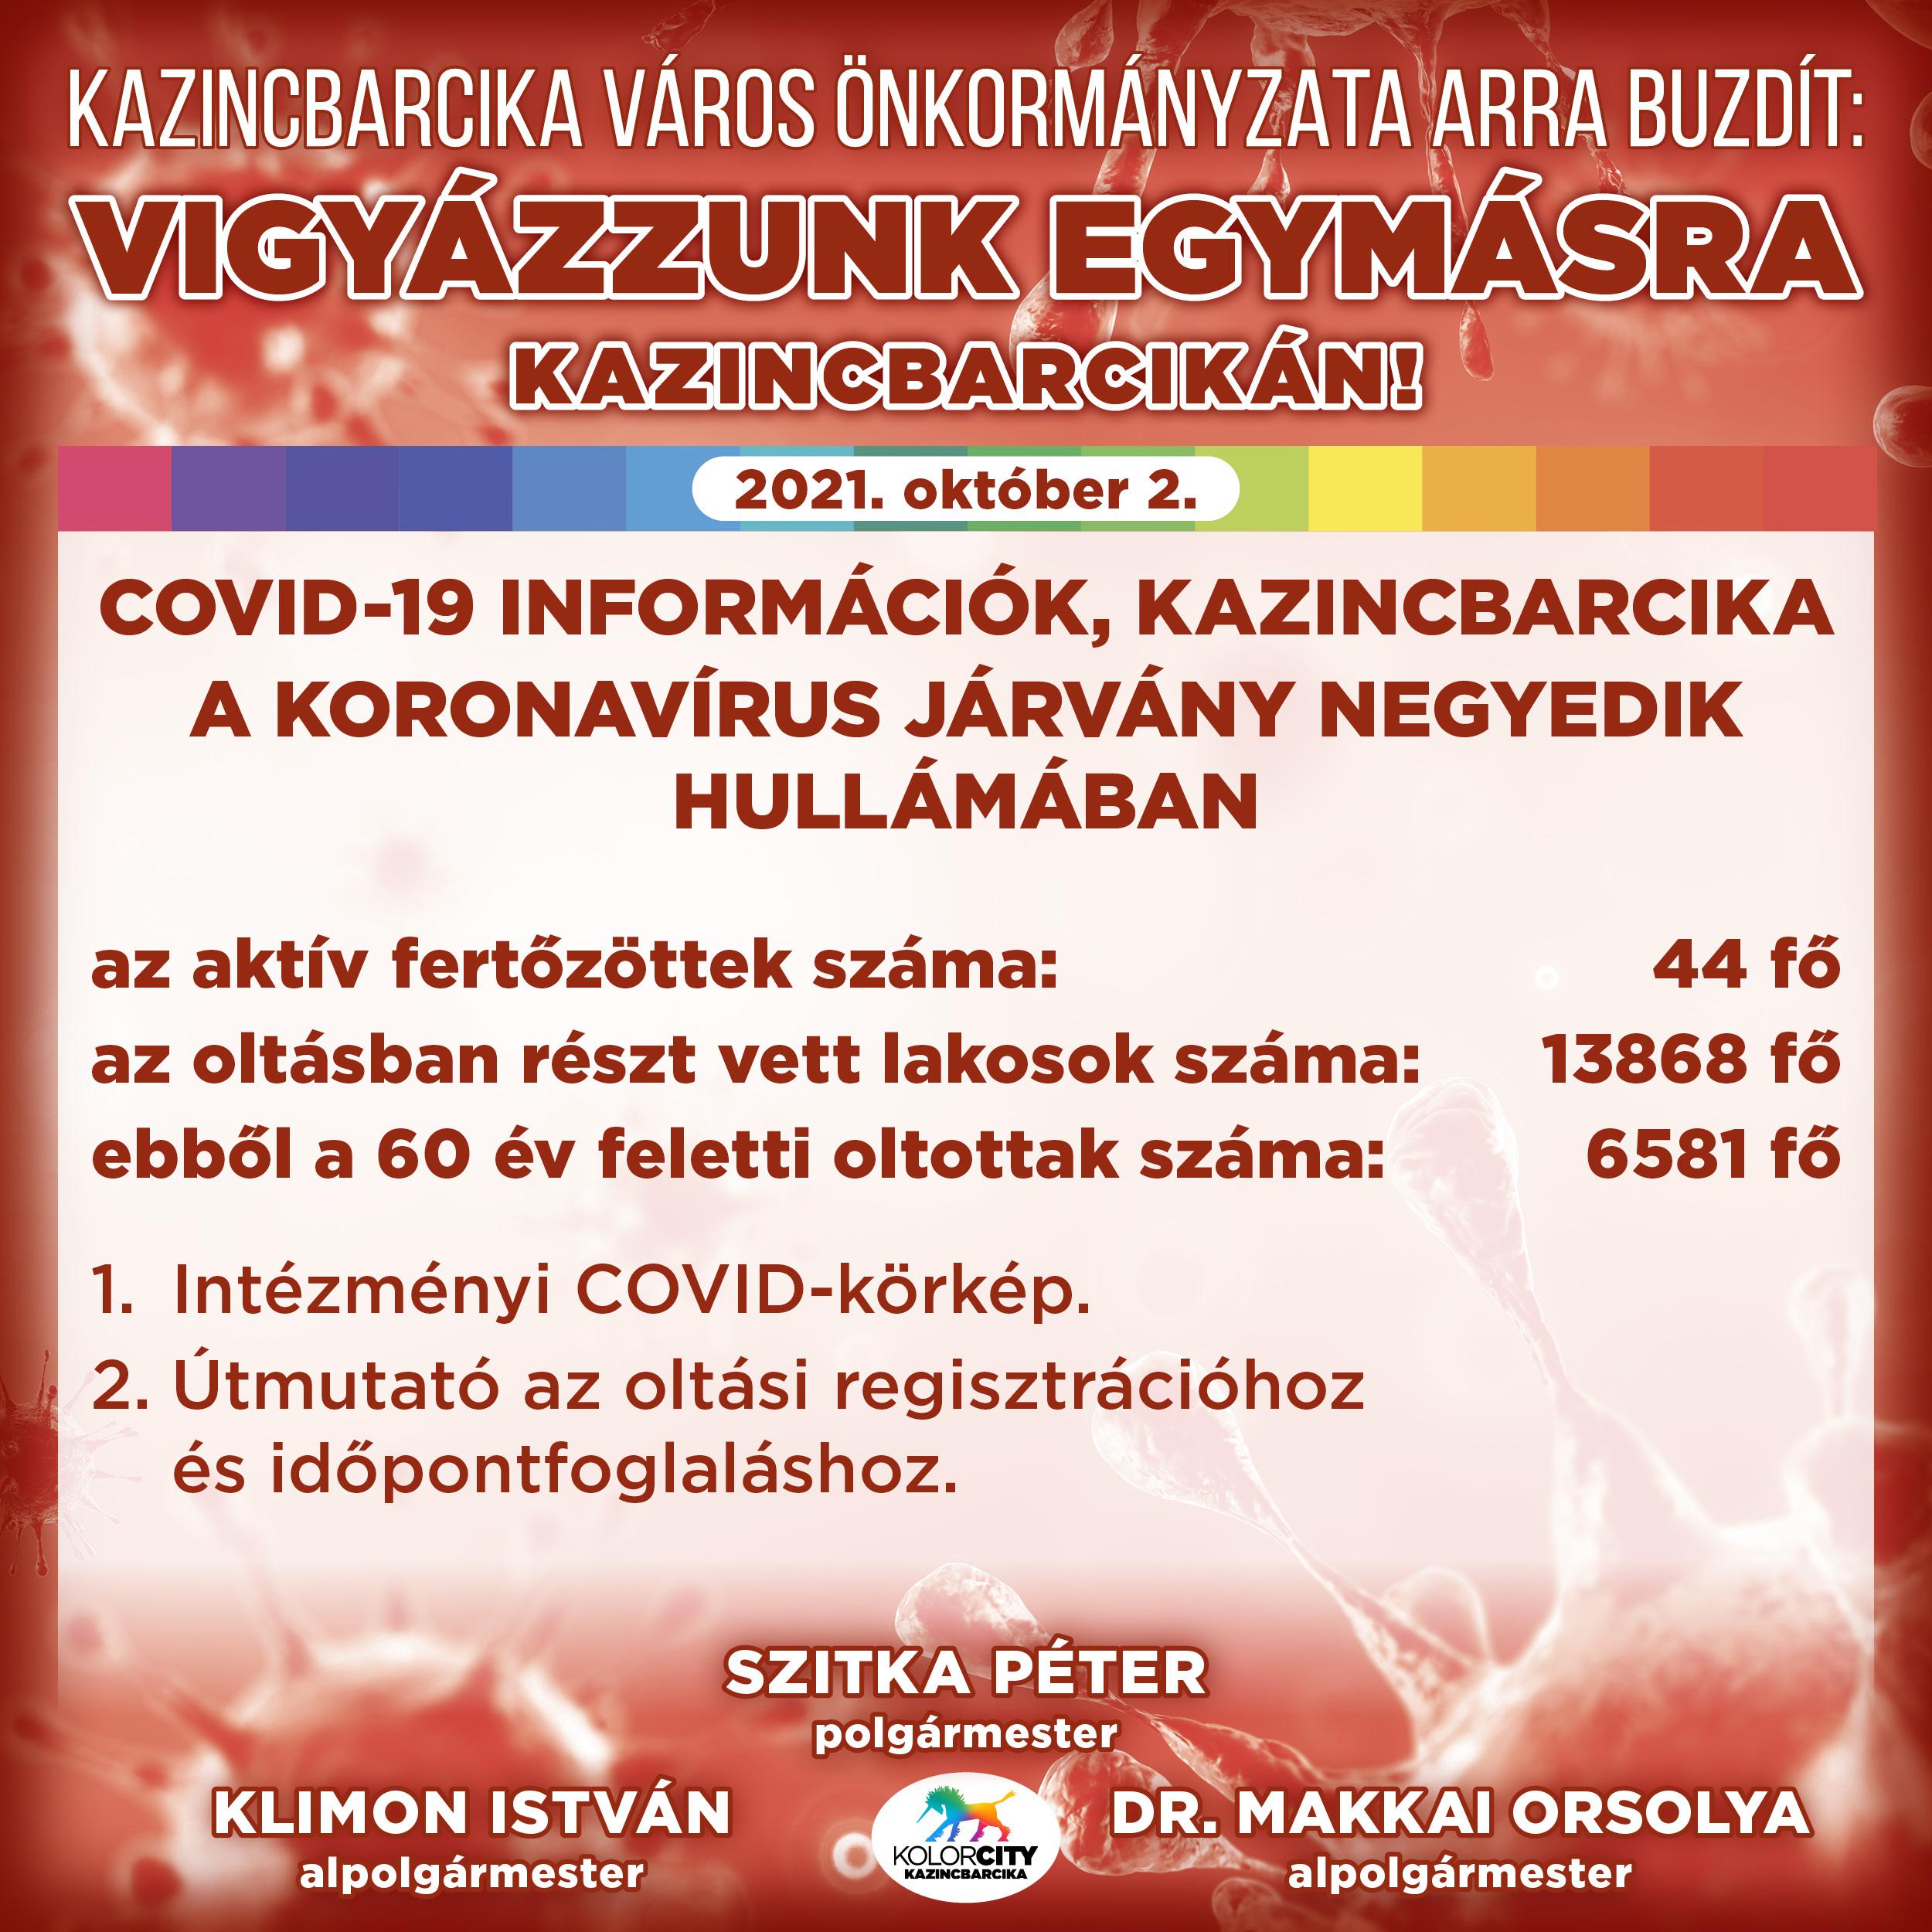 https://kolorline.hu/Vigyázzunk egymásra Kazincbarcikán – 2021. október 2.